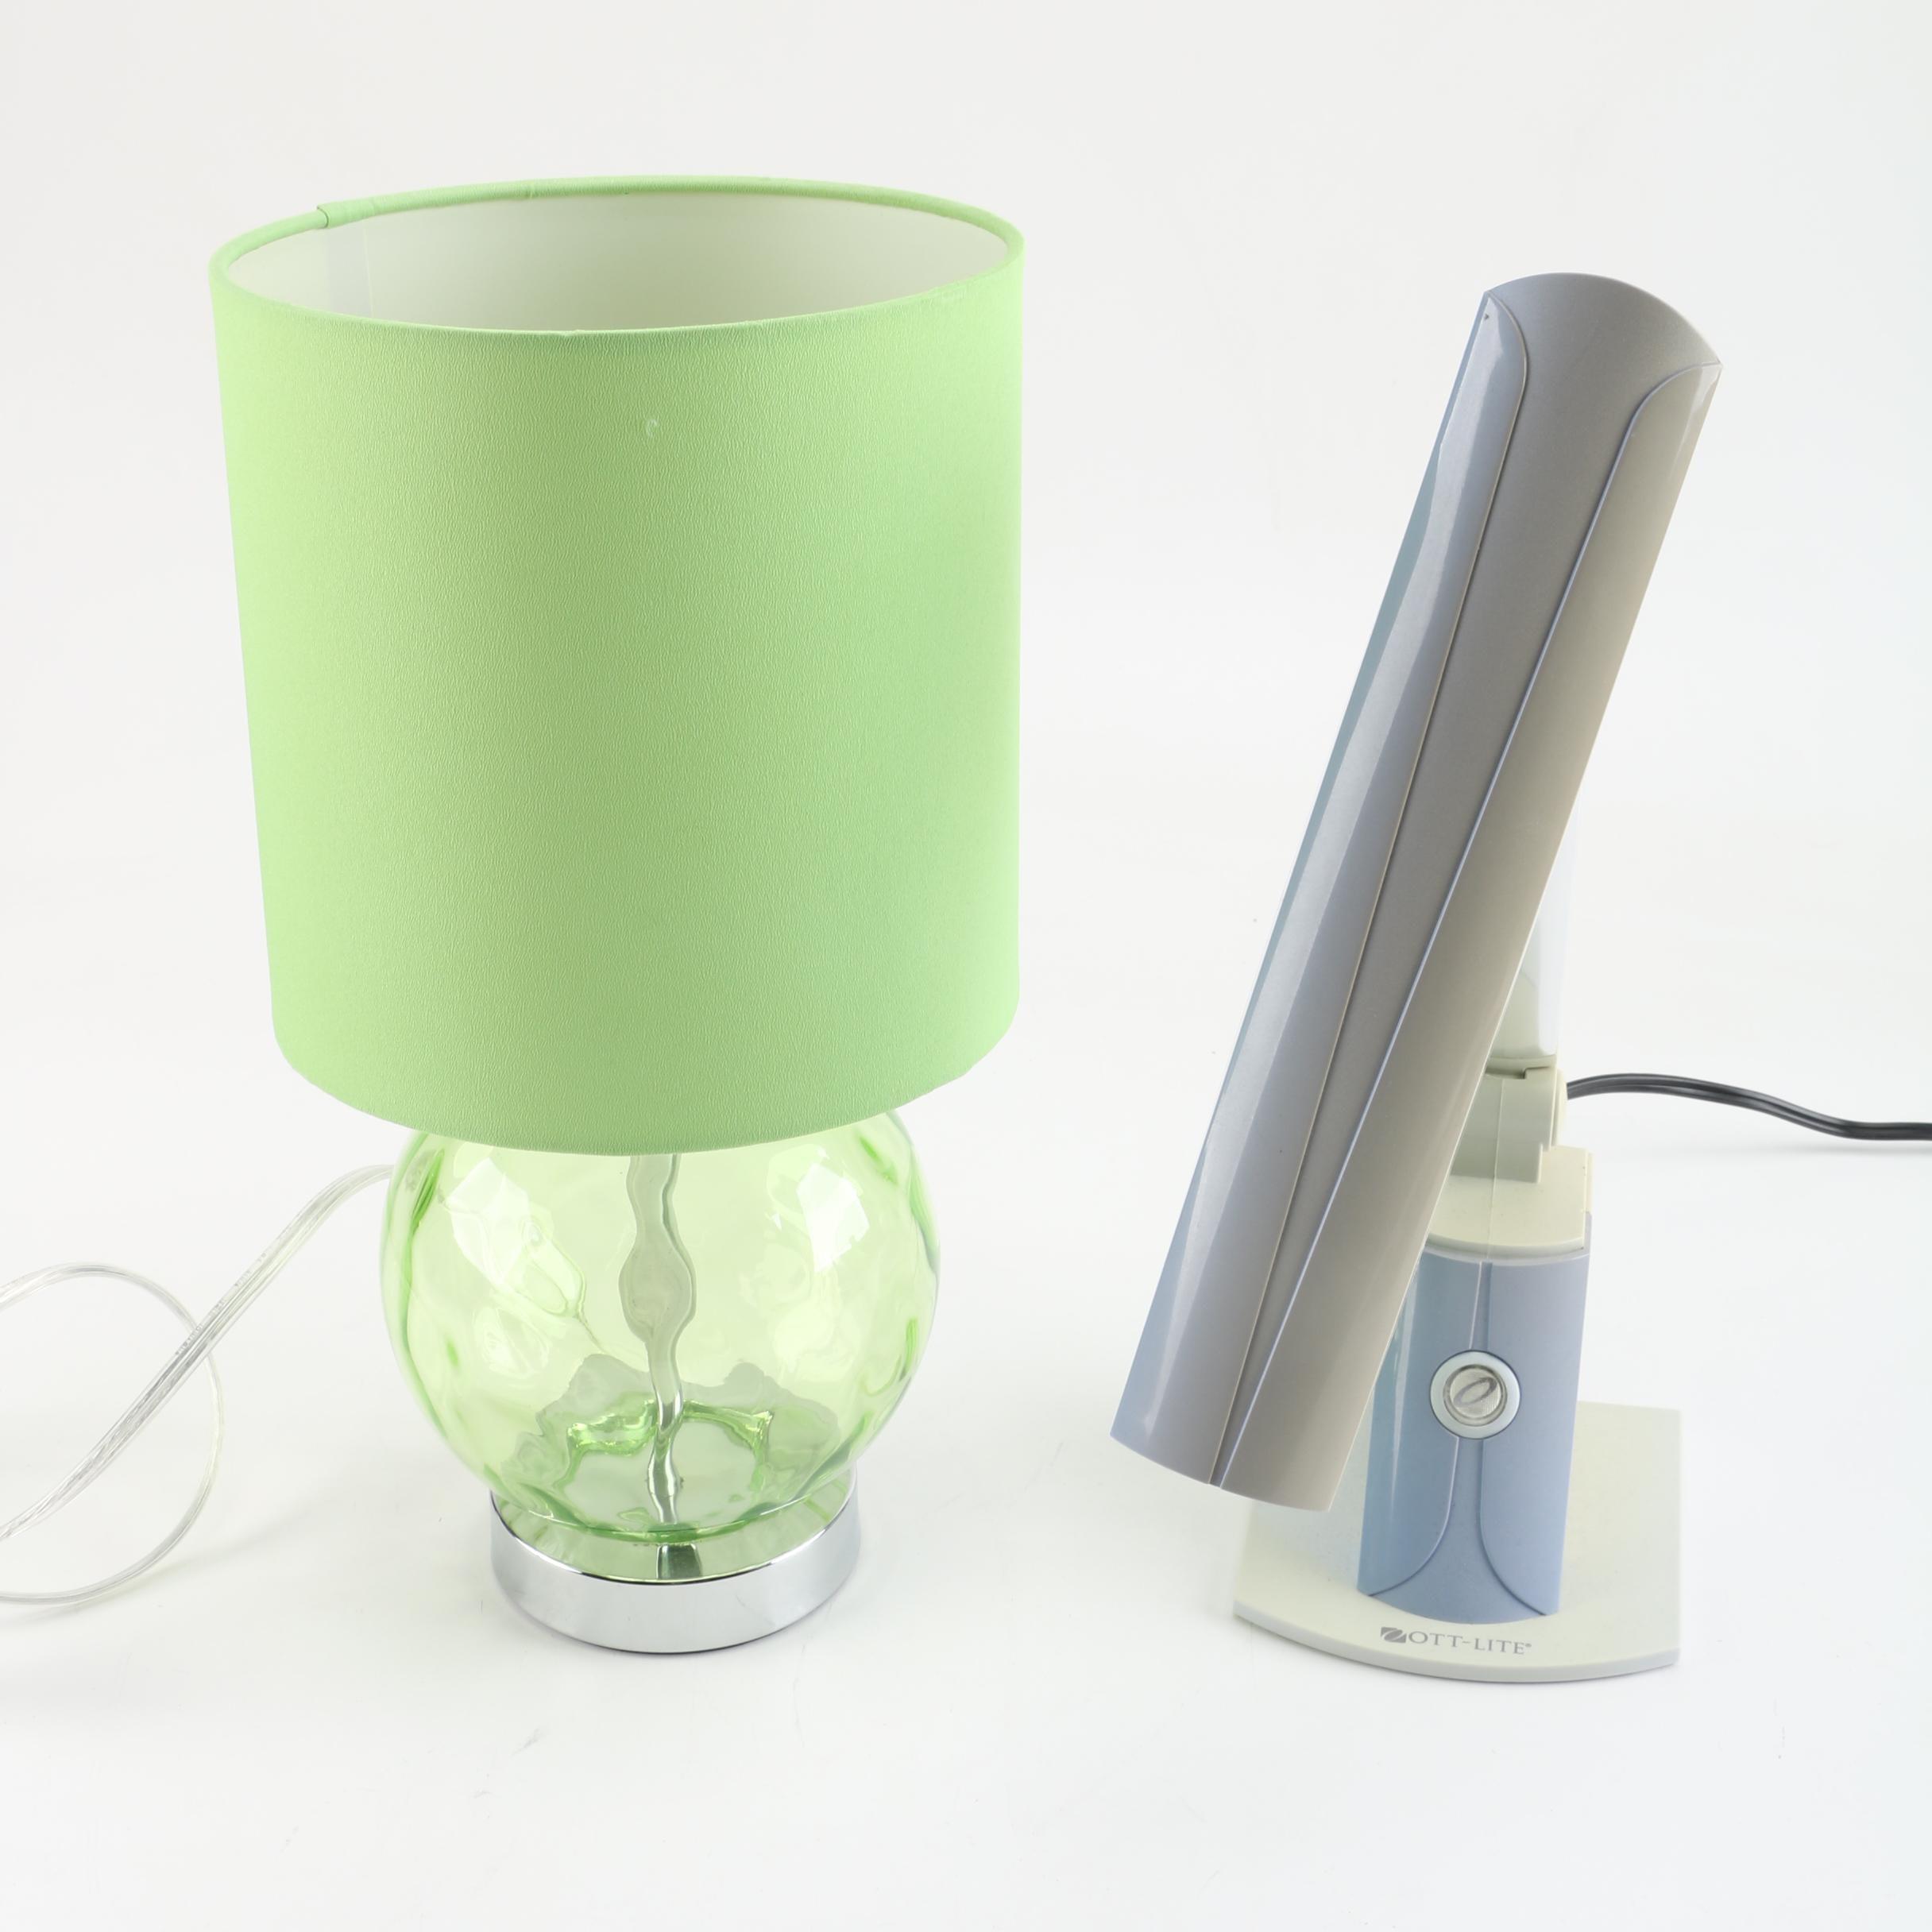 OttLite Task Lamp And Green Glass Table Lamp ...